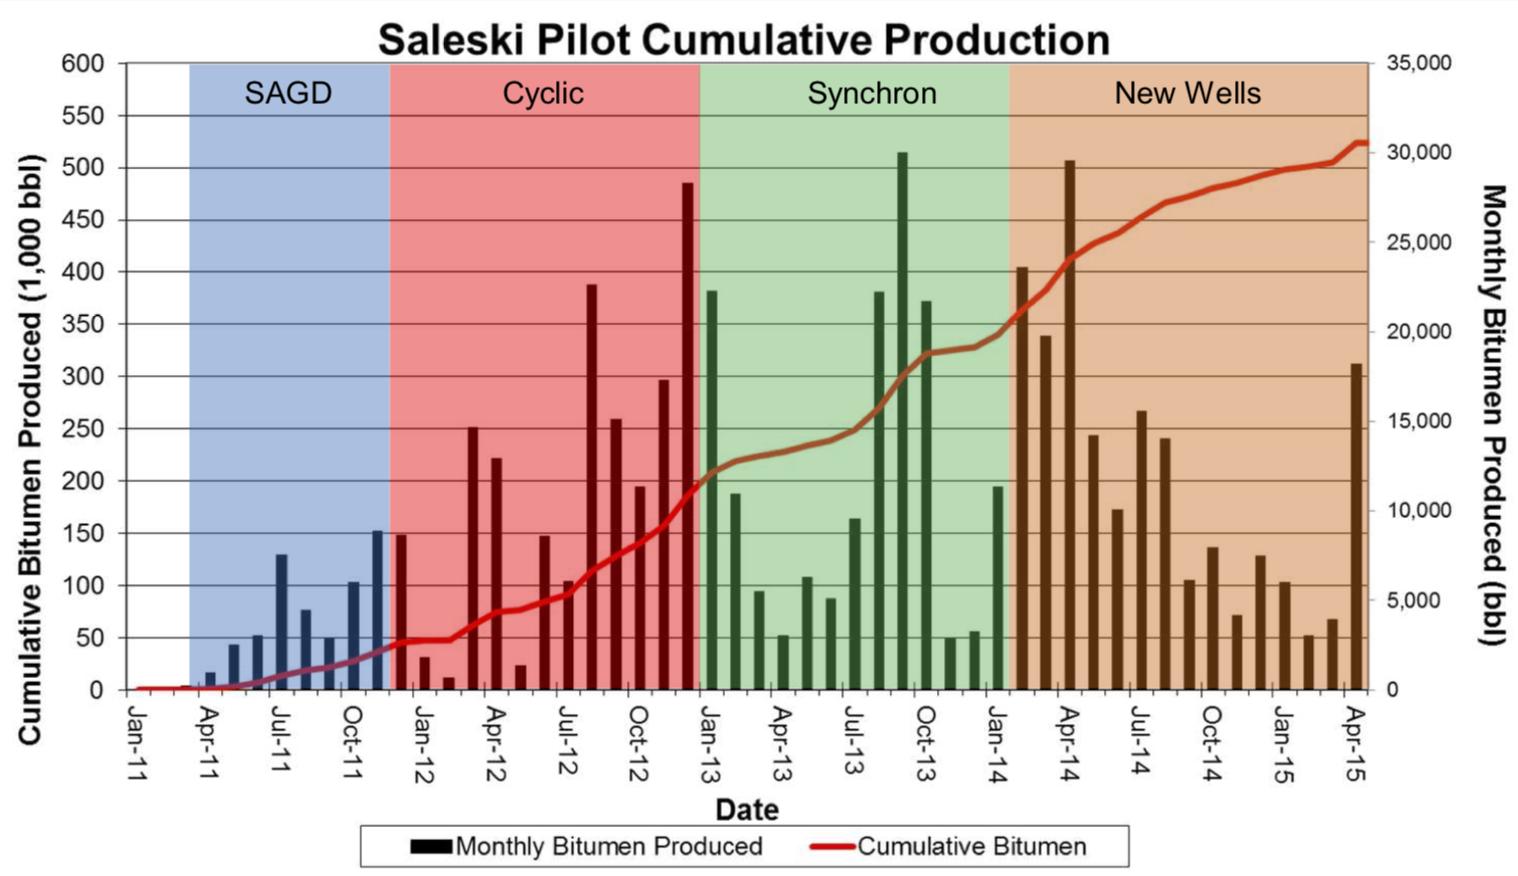 SALESKI PILOT PRODUCTION PROFILE (COURTESY LARICINA ENERGY)